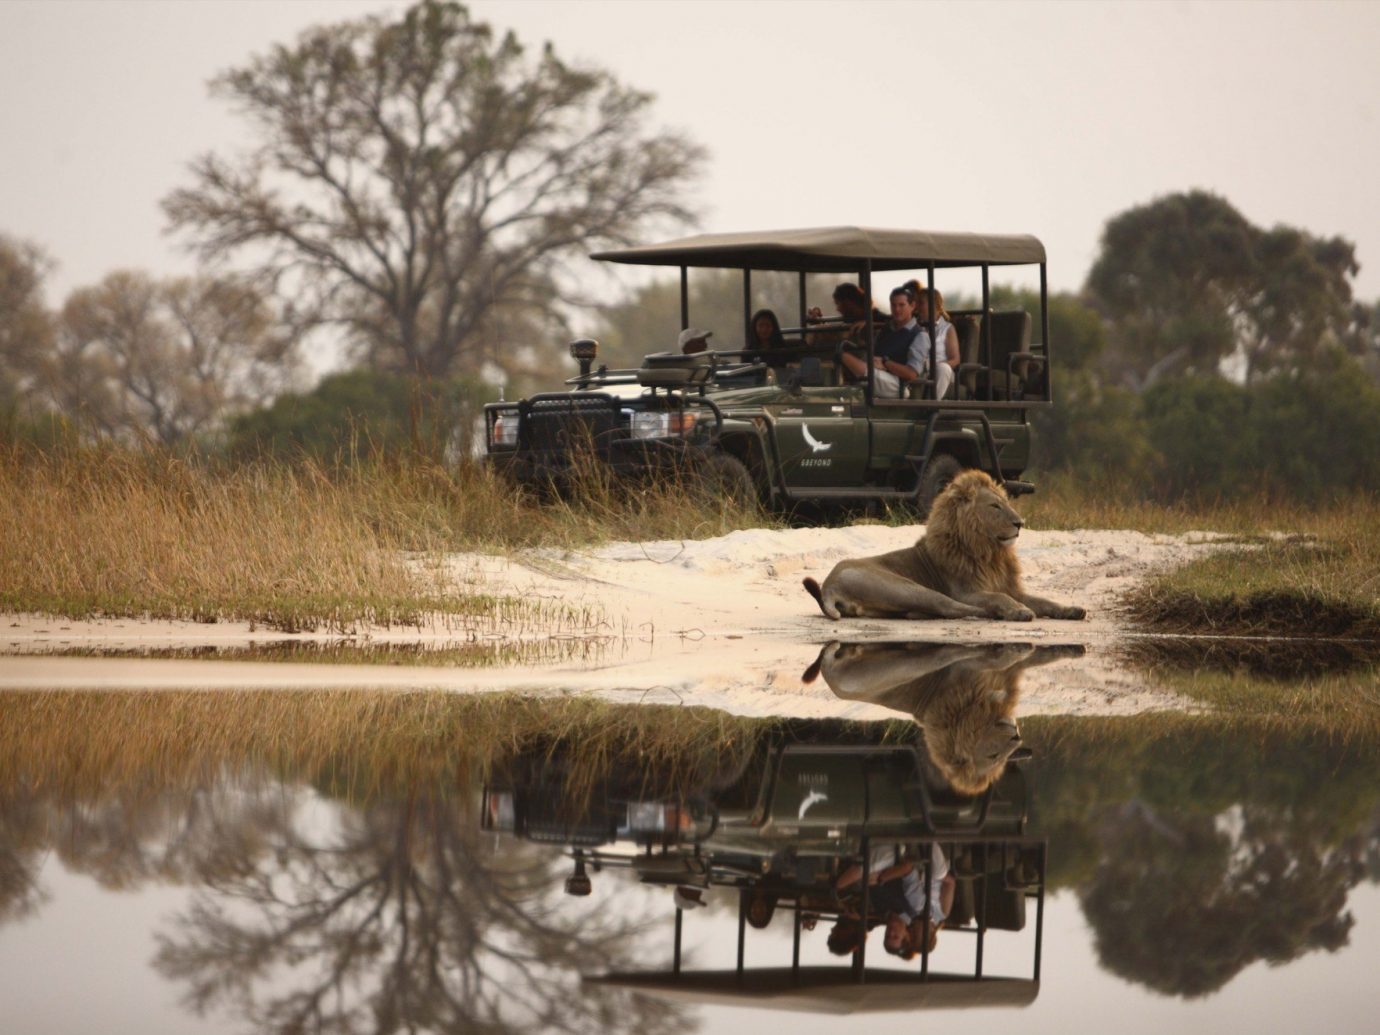 andBeyond Sandibe Okavango Safari Lounge, Botswana Lion in Africa